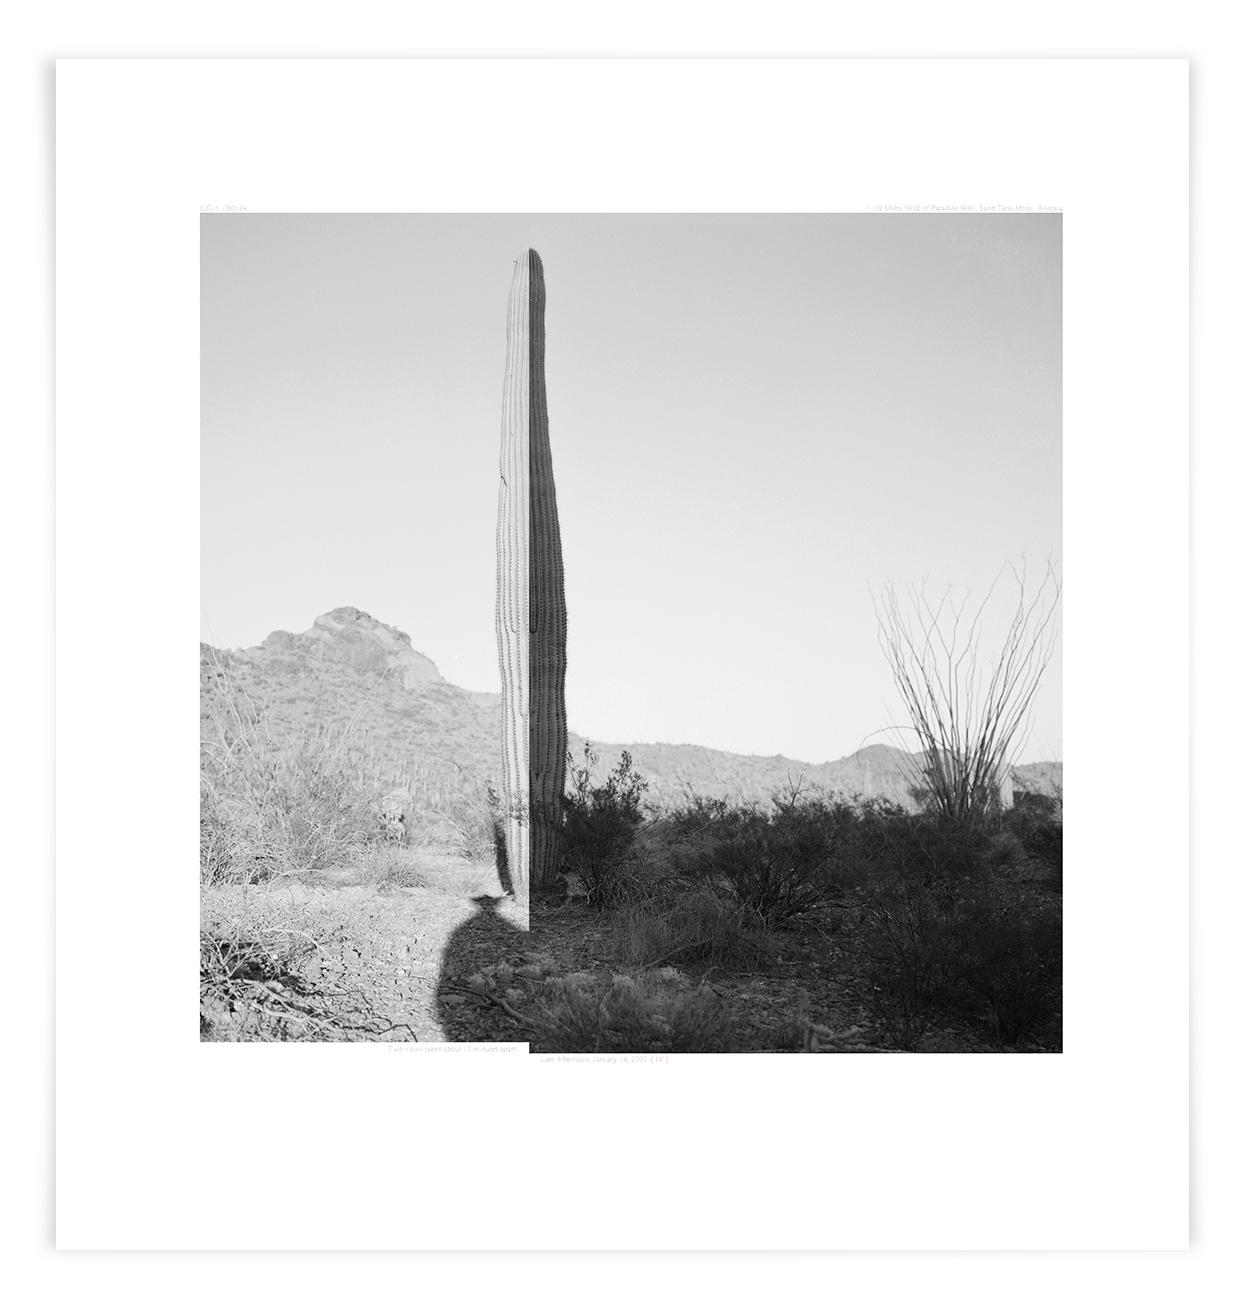 The Sand Tank Saguaro (CG15 080124)     26 x 24 in (66 x 61 cm)